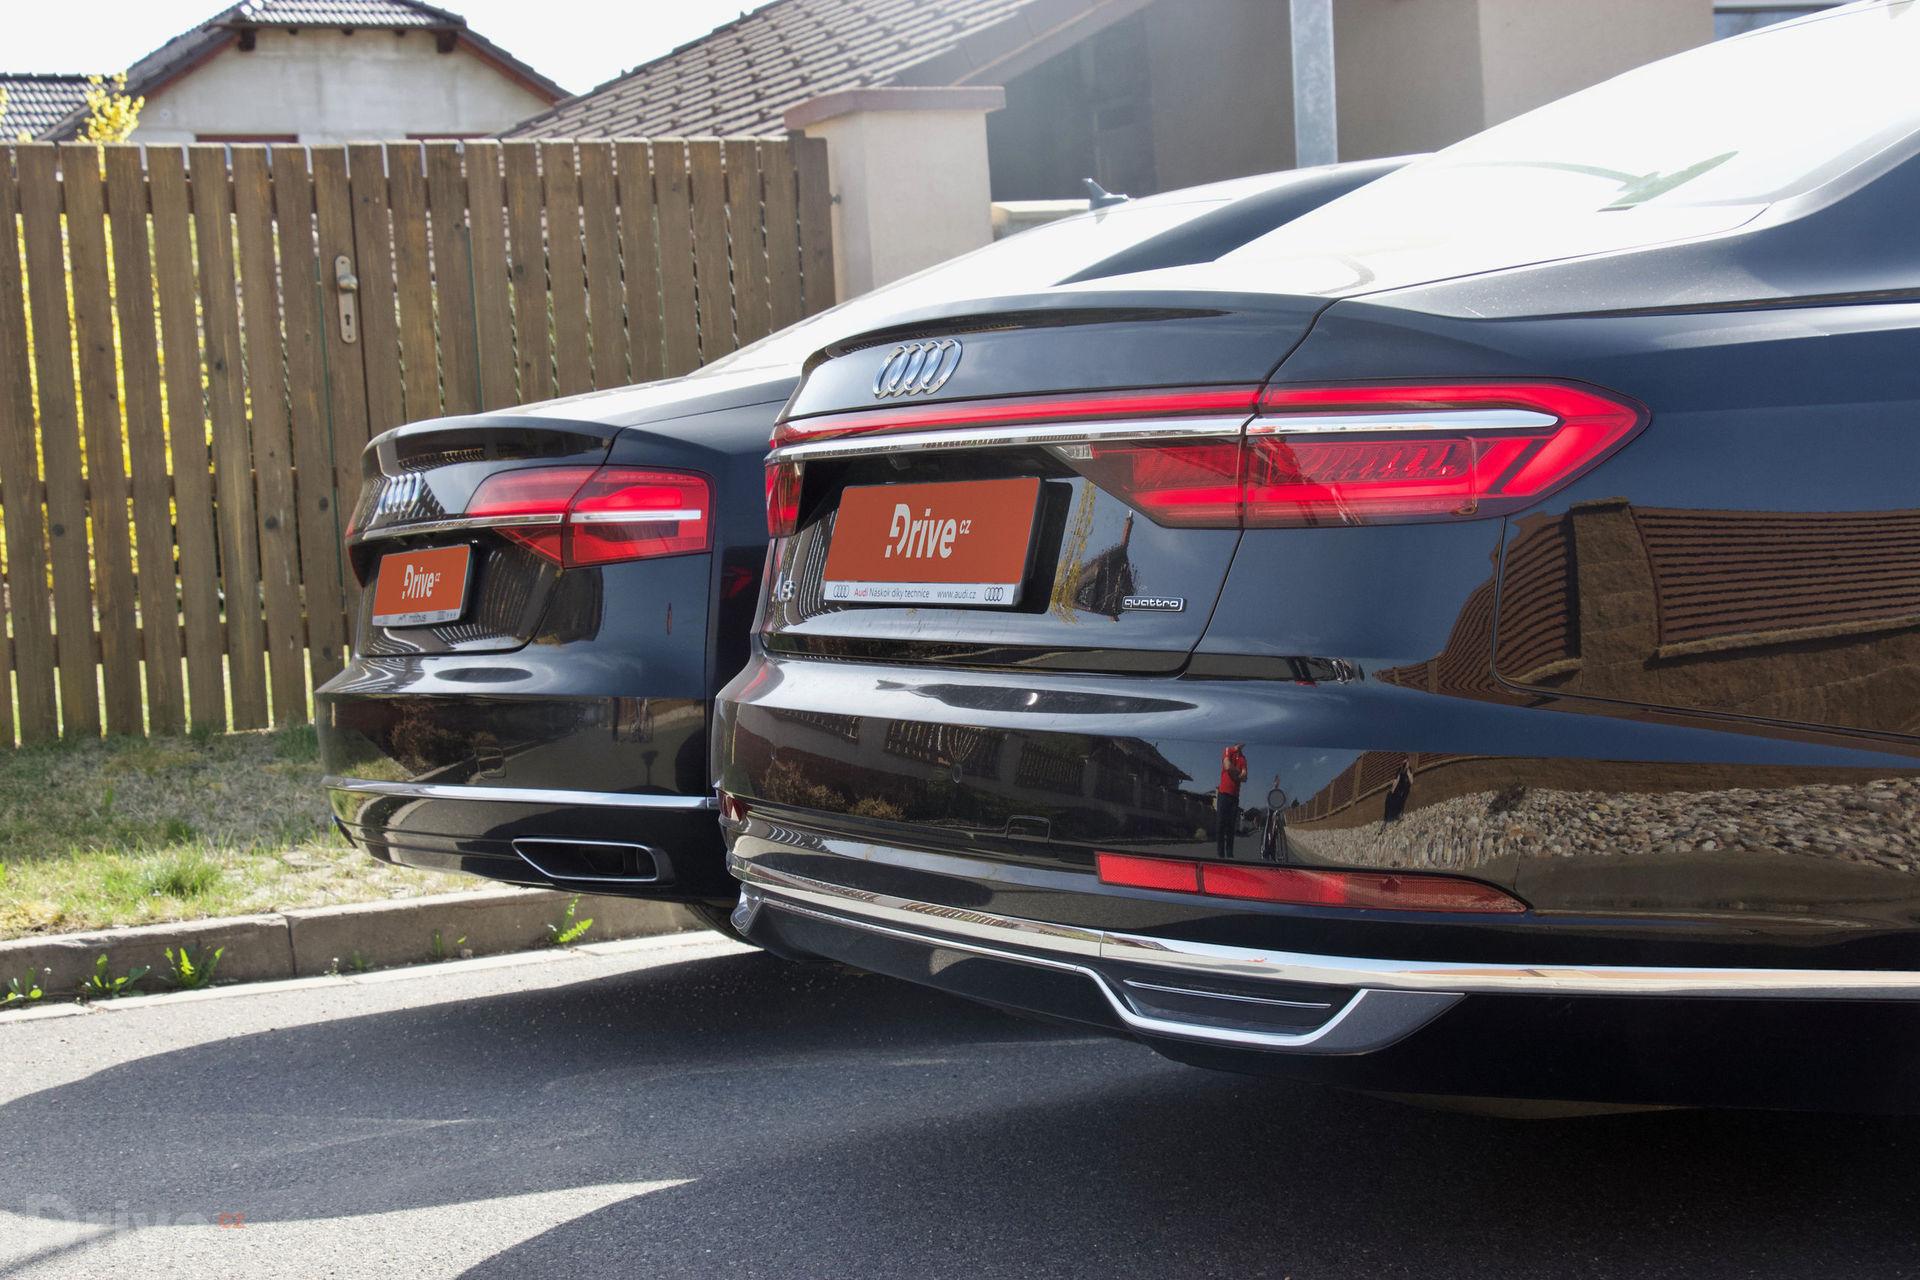 Audi A8 (2010) vs Audi A8 (2017)